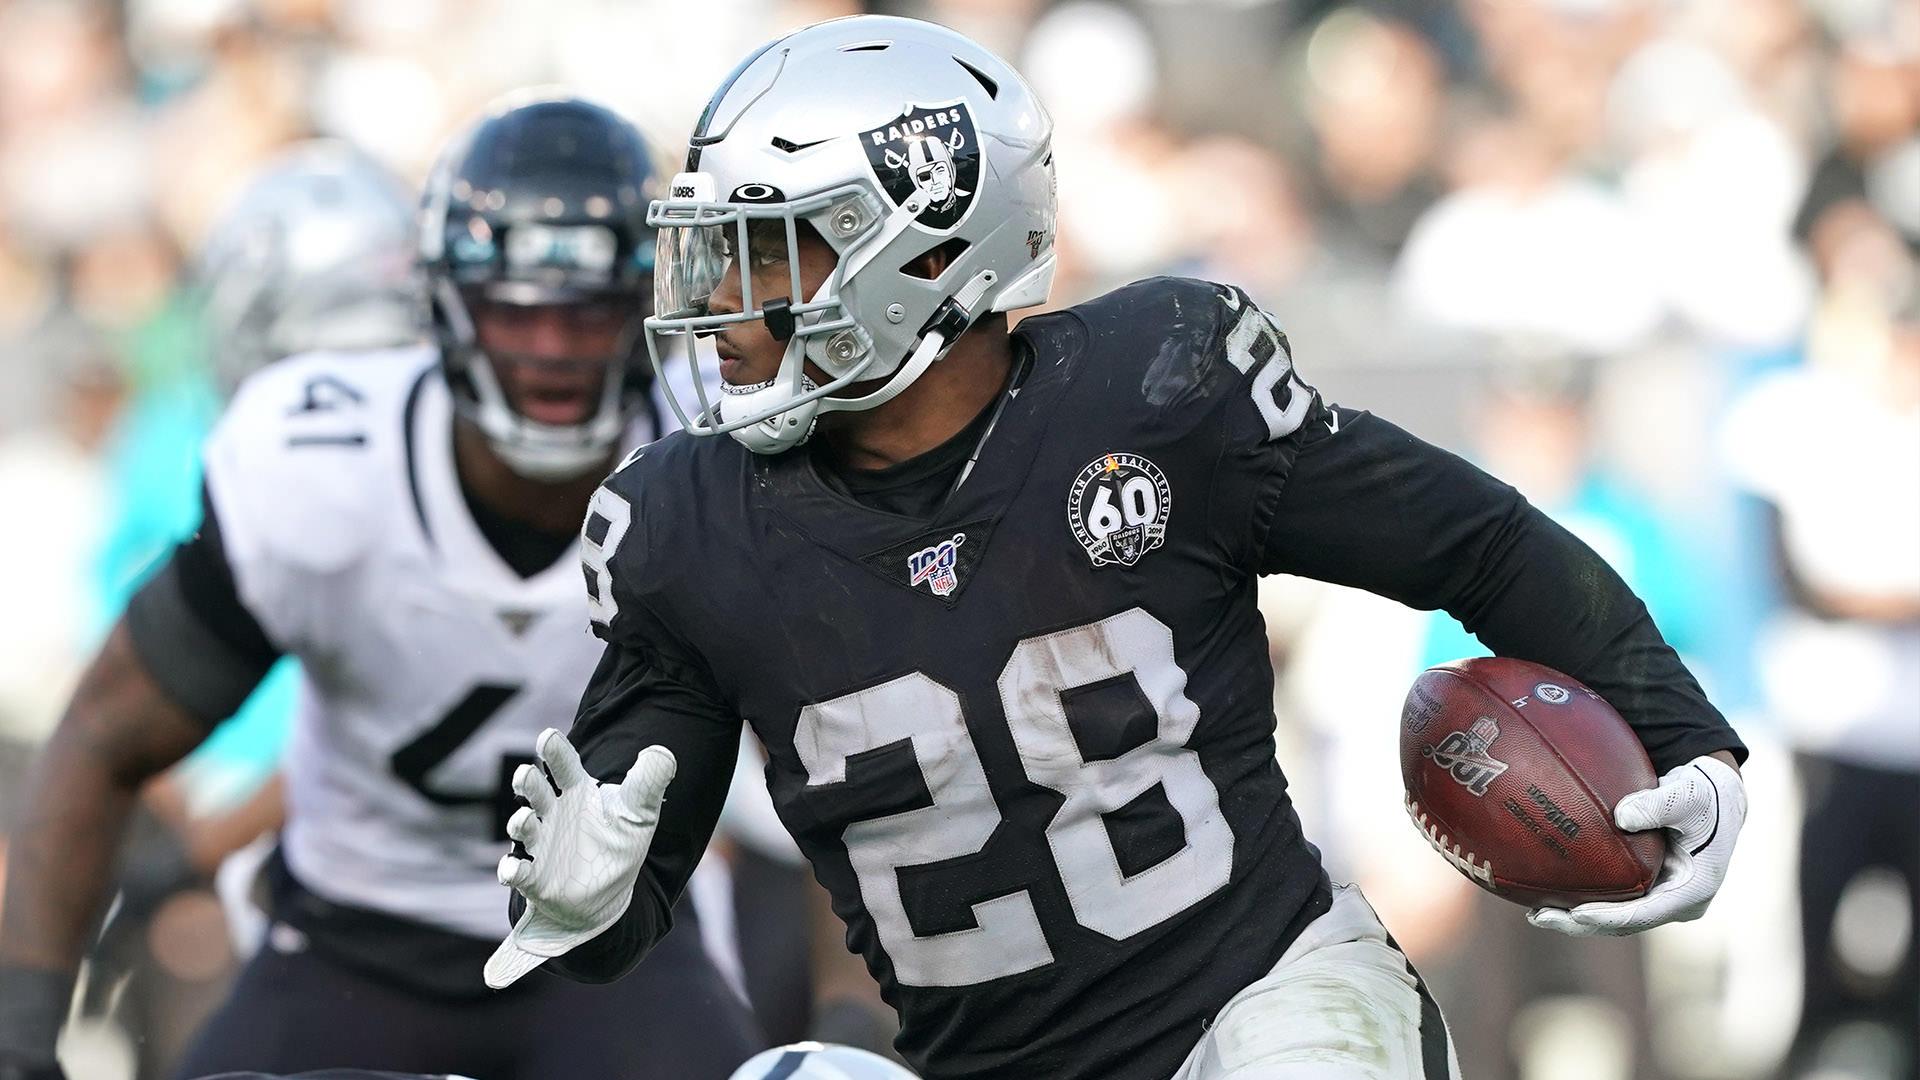 Raiders não vai fechar o novato Jacobs, LT Brown – NBCSports.com